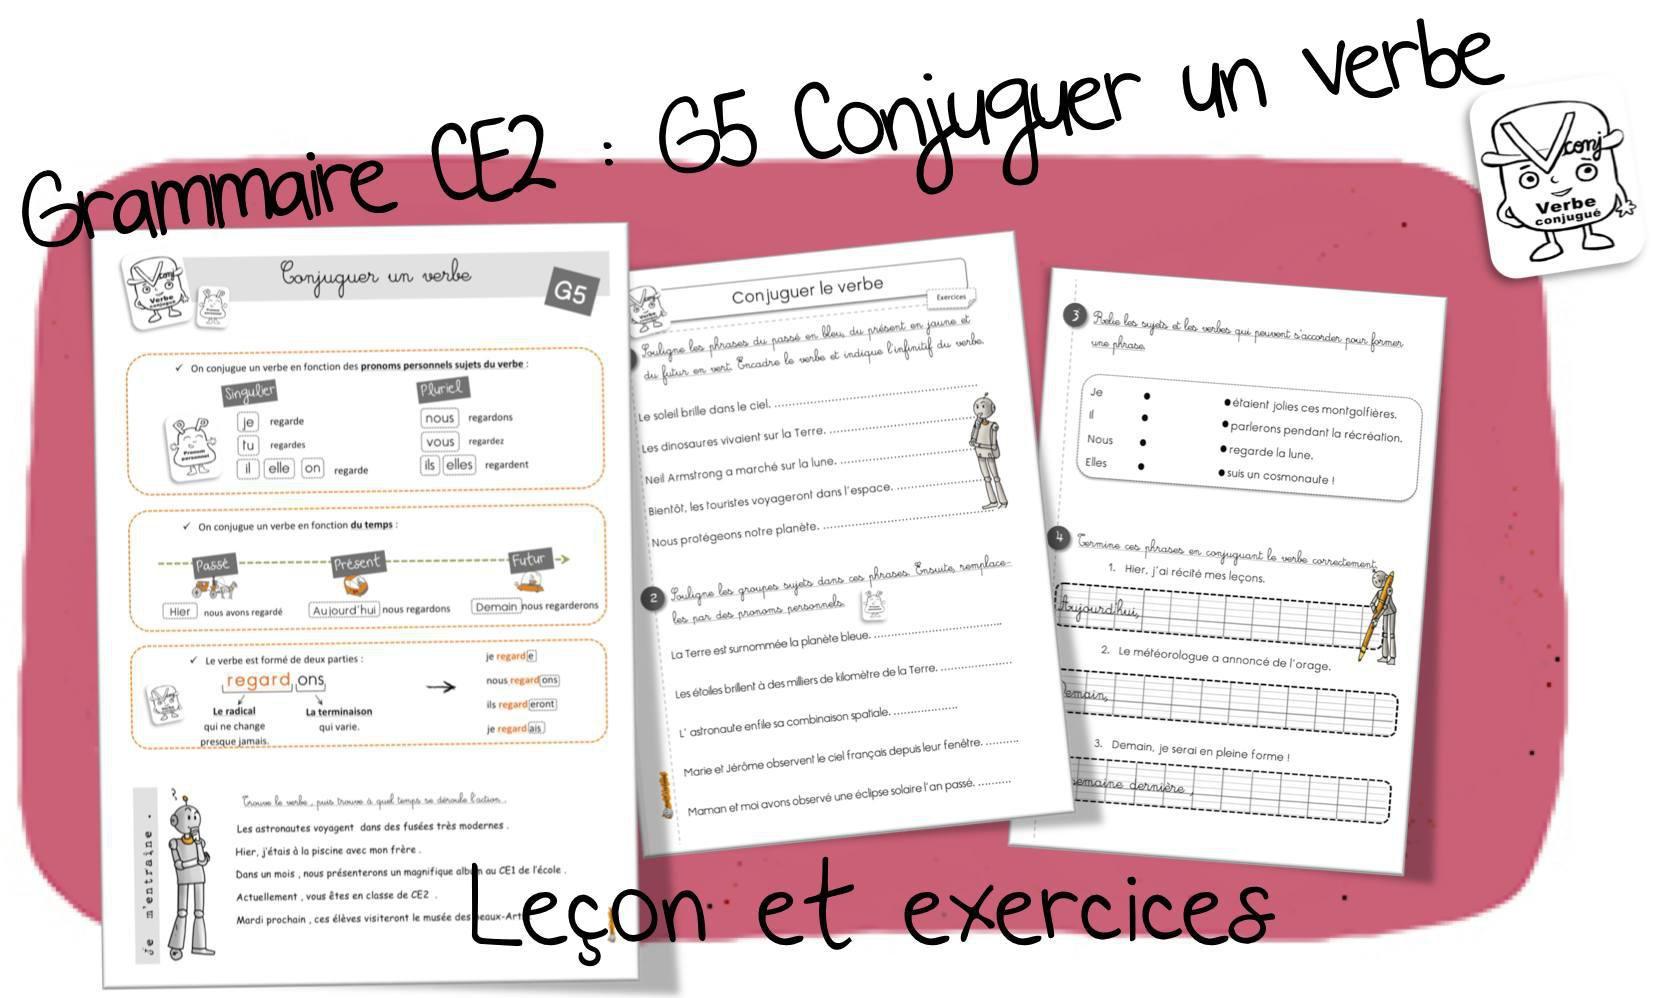 Reussir En Grammaire Au Ce2 G5 Conjuguer Un Verbe Par Bout De Gomme Jenseigne Fr